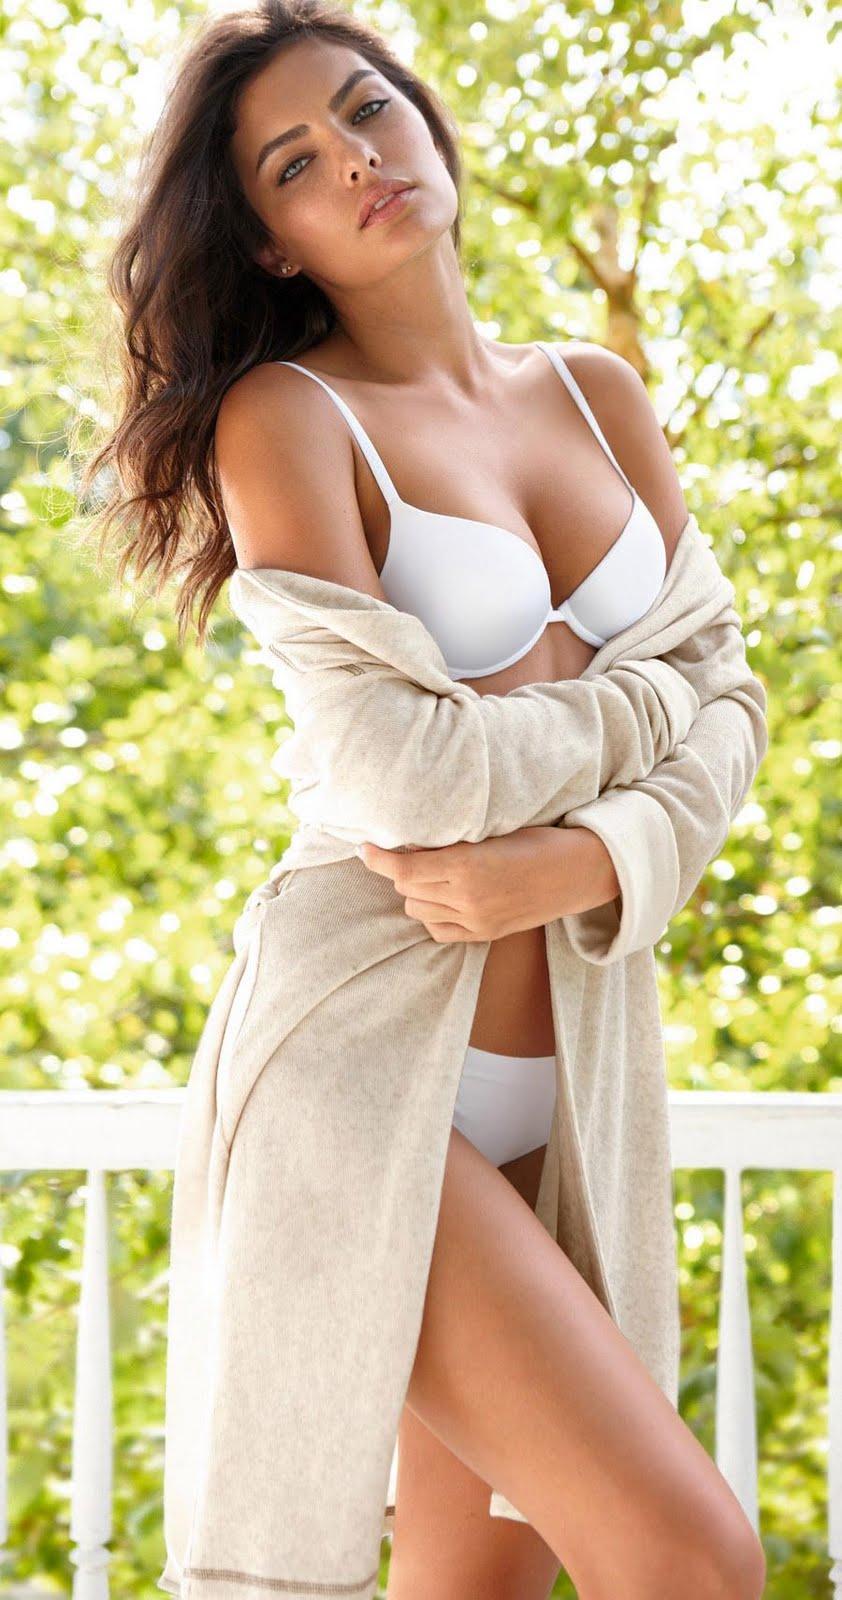 Hot Models Sexy